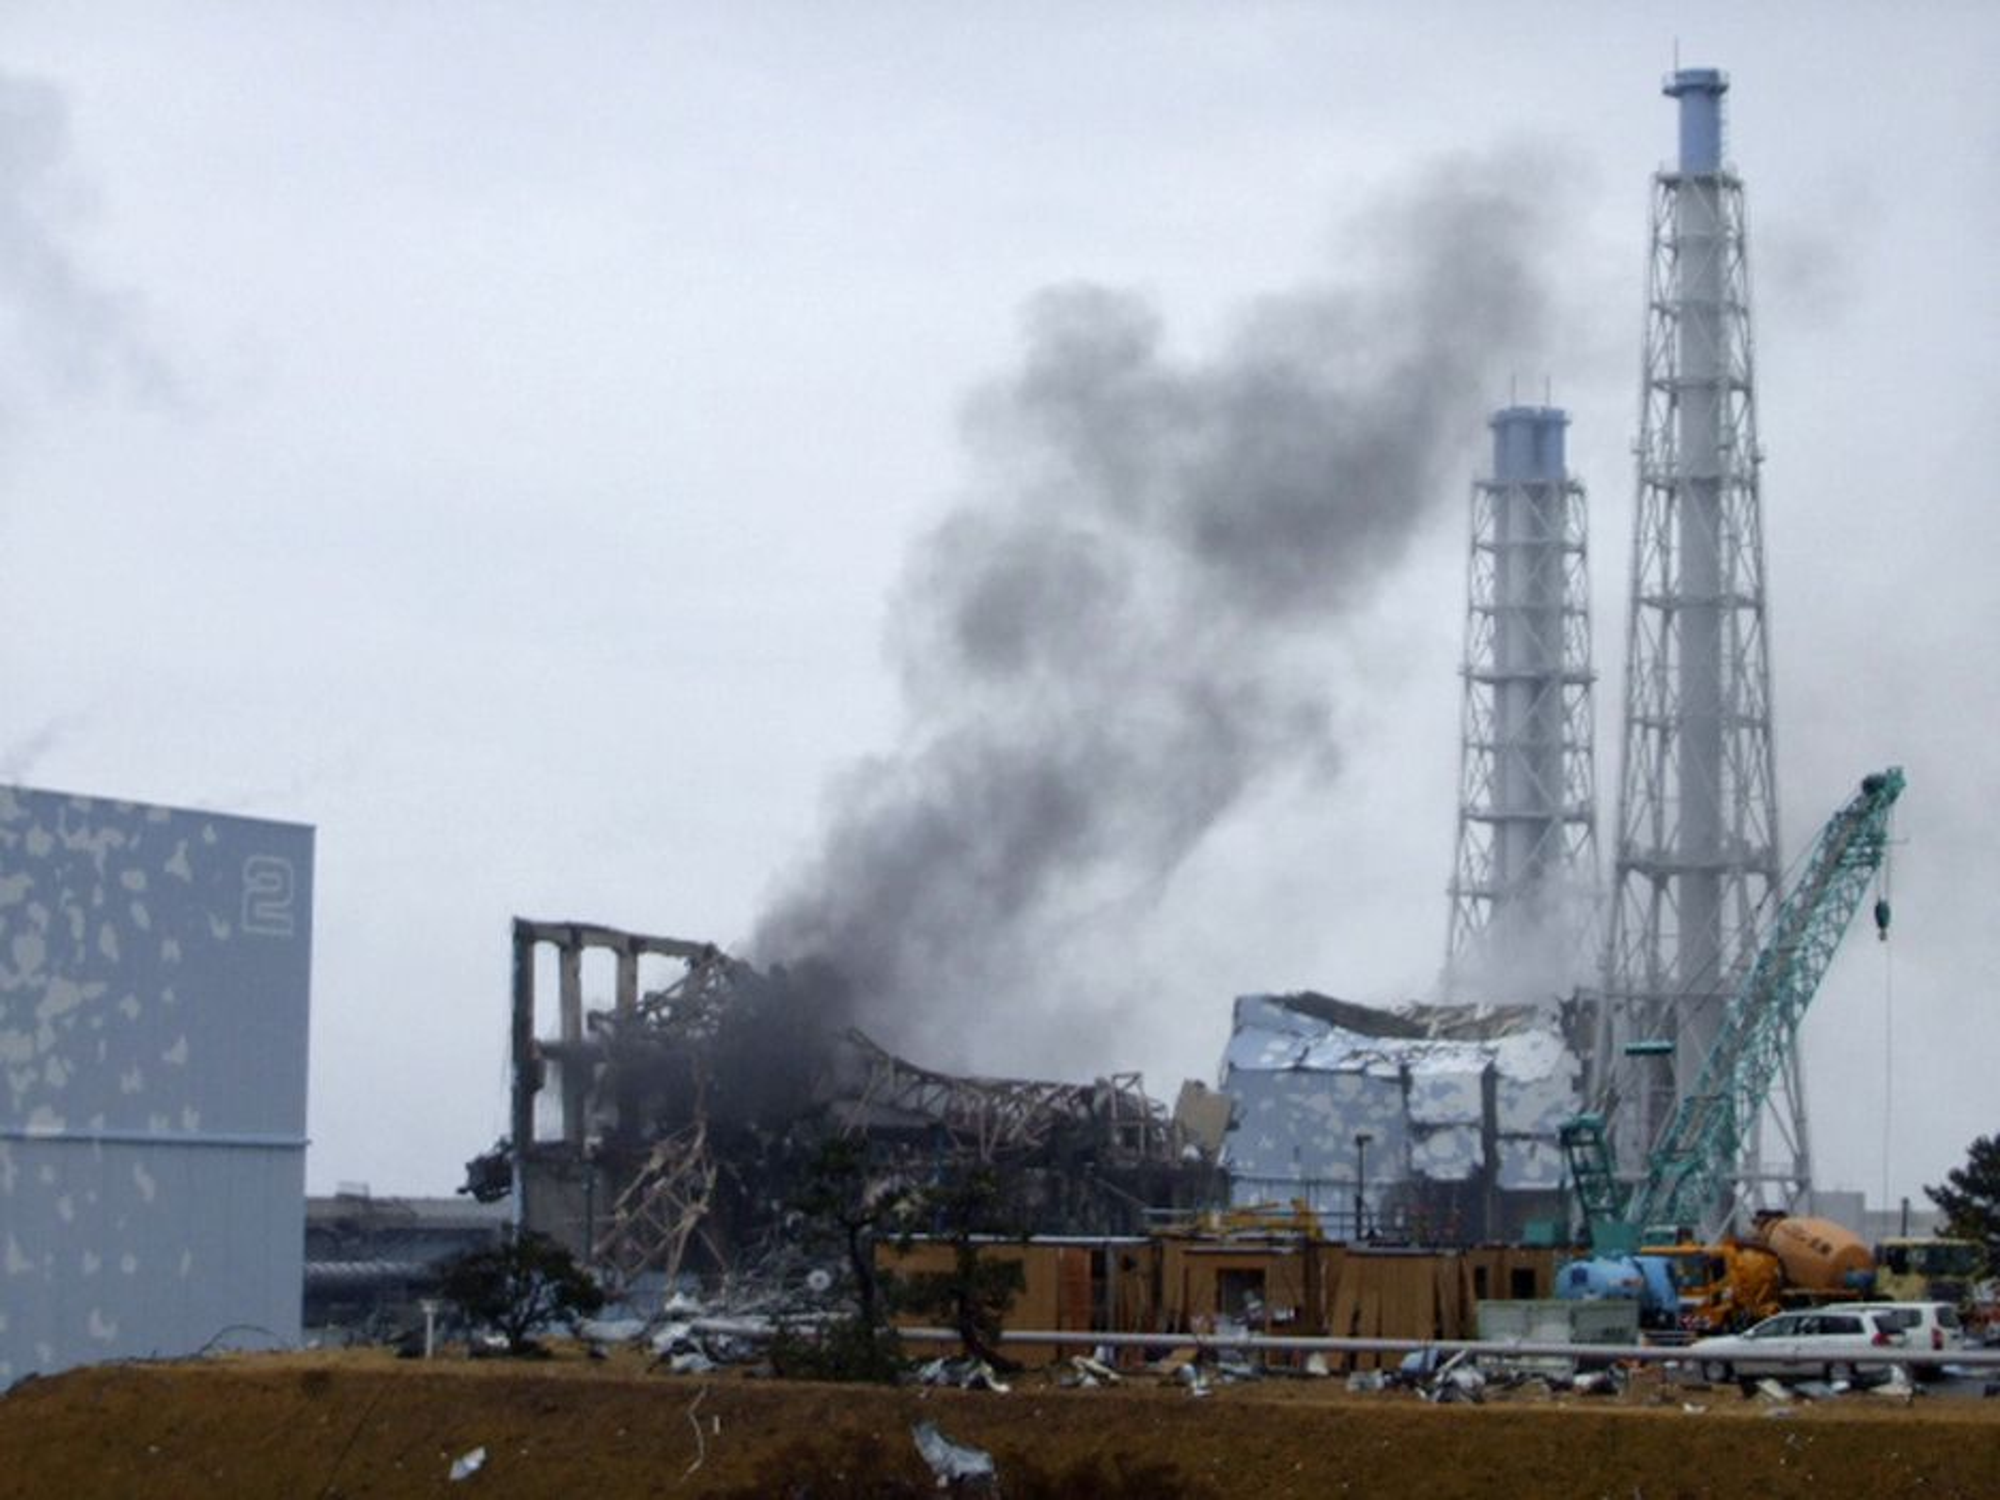 FORVENTET FÆRRE SØKERE: De tekniske utdanningsinstitusjonene i Sverige fryktet at reaktorhavariene i Fukushima ville føre til at unge avskrev kjernekraften som karrierevei, men ved Chalmers har det motsatte skjedd.